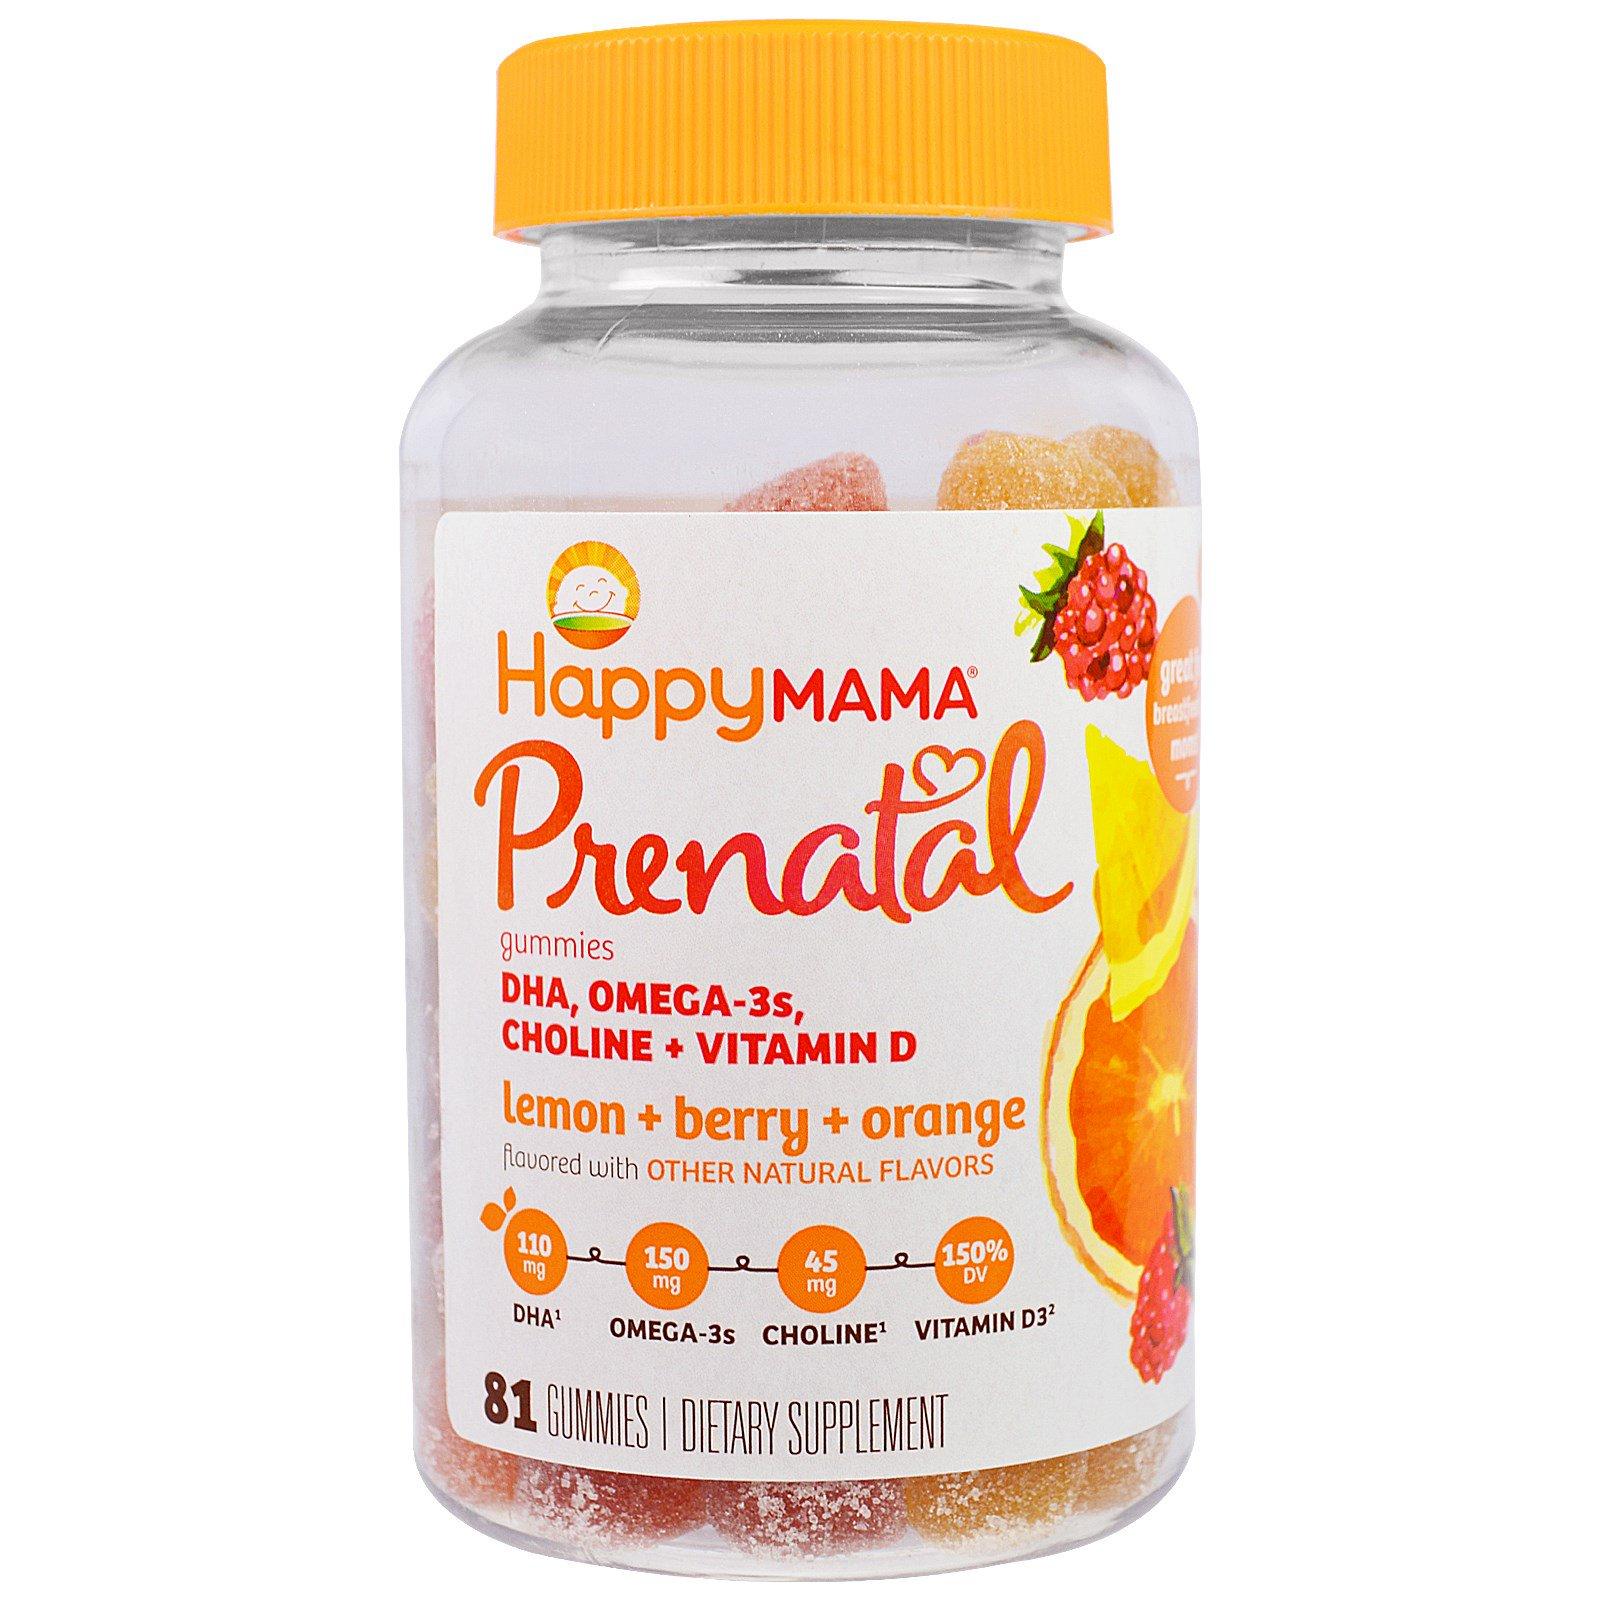 Nurture Inc. (Happy Baby), Happy Mama, Prenatal, DHA, Omega-3s, Choline + Vitamin D, 81 Gummies